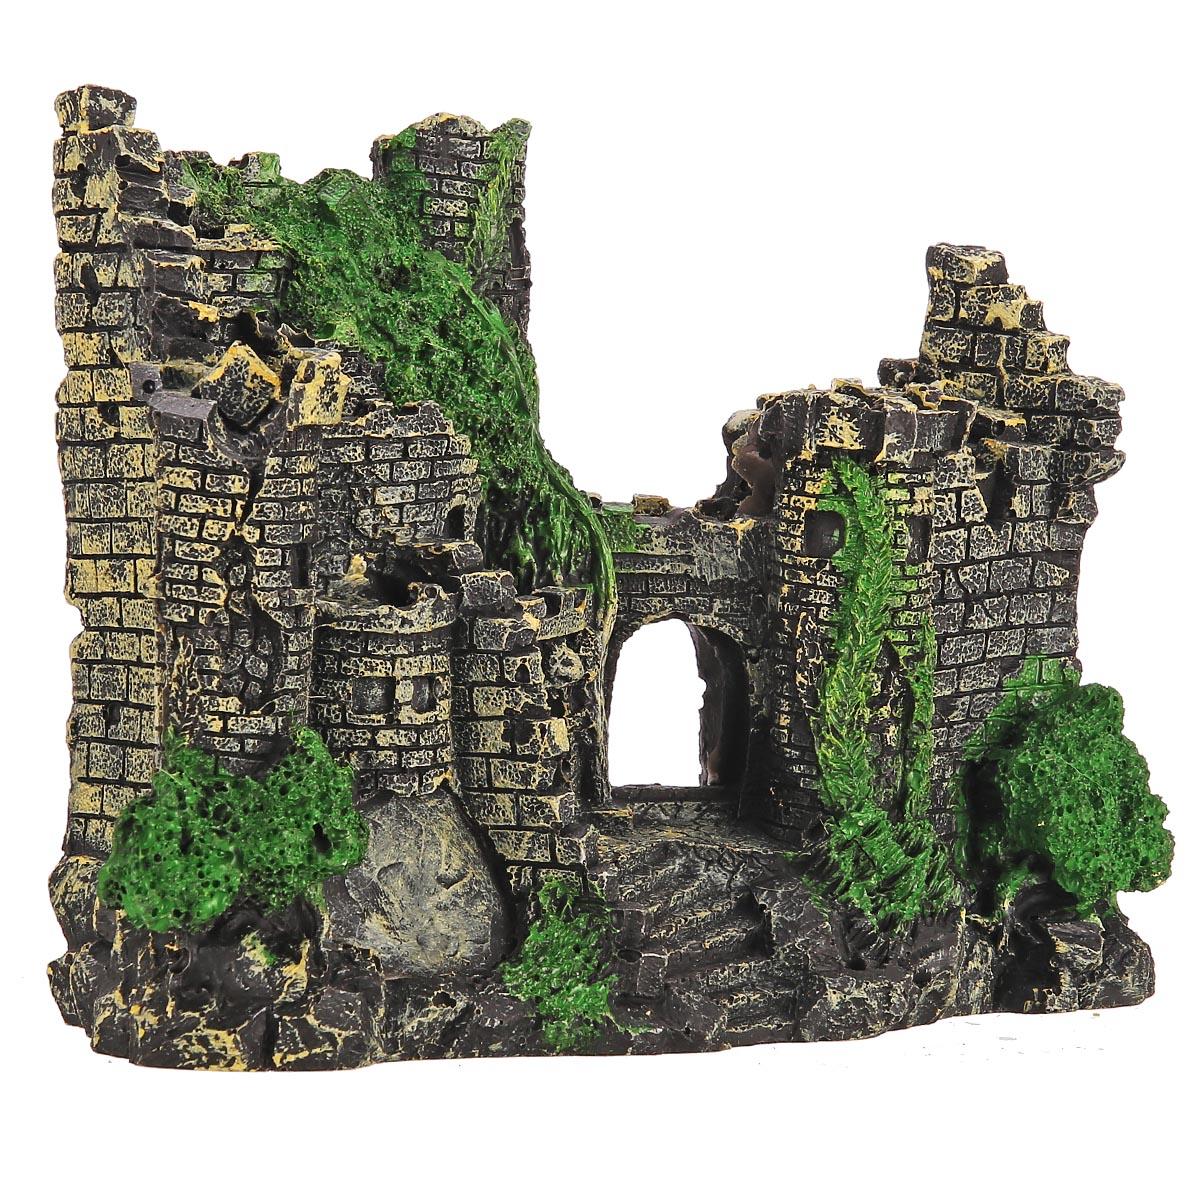 聚宝源 水族造景城堡鱼缸装饰欧式城堡树脂古城堡假山